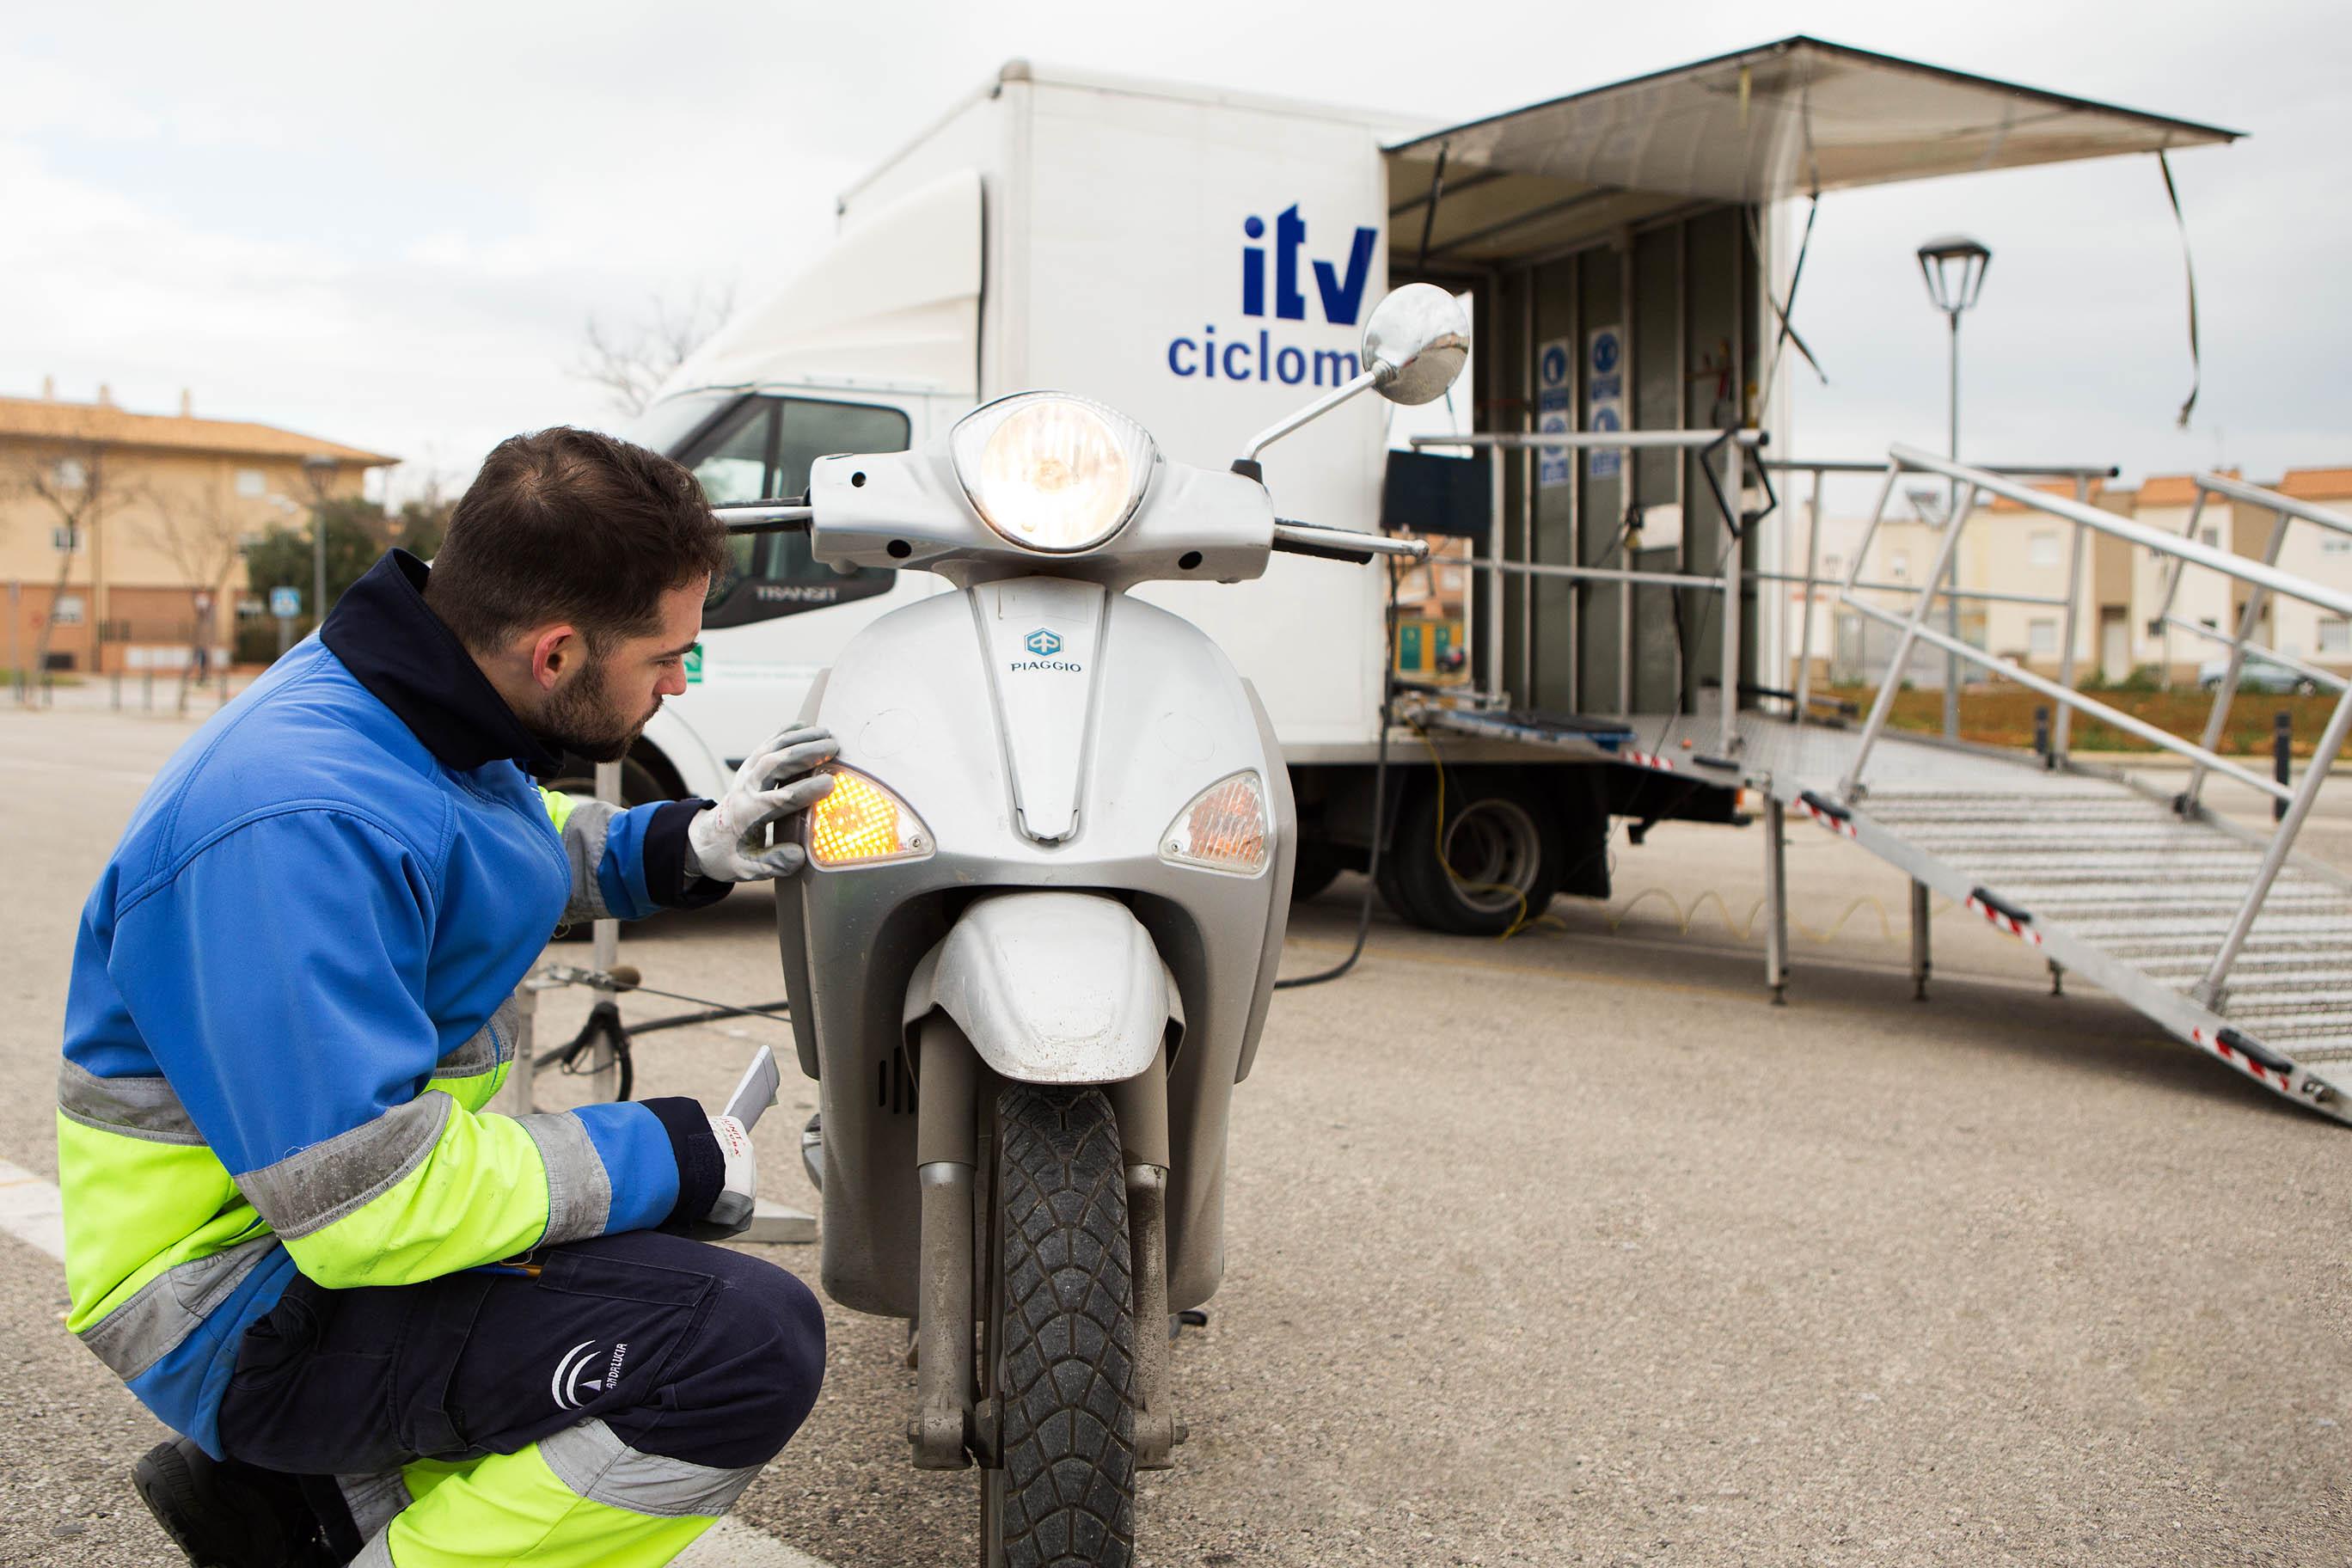 La ITV móvil de ciclomotores estará en Punta Umbría el 15 de marzo – Huelva  Red